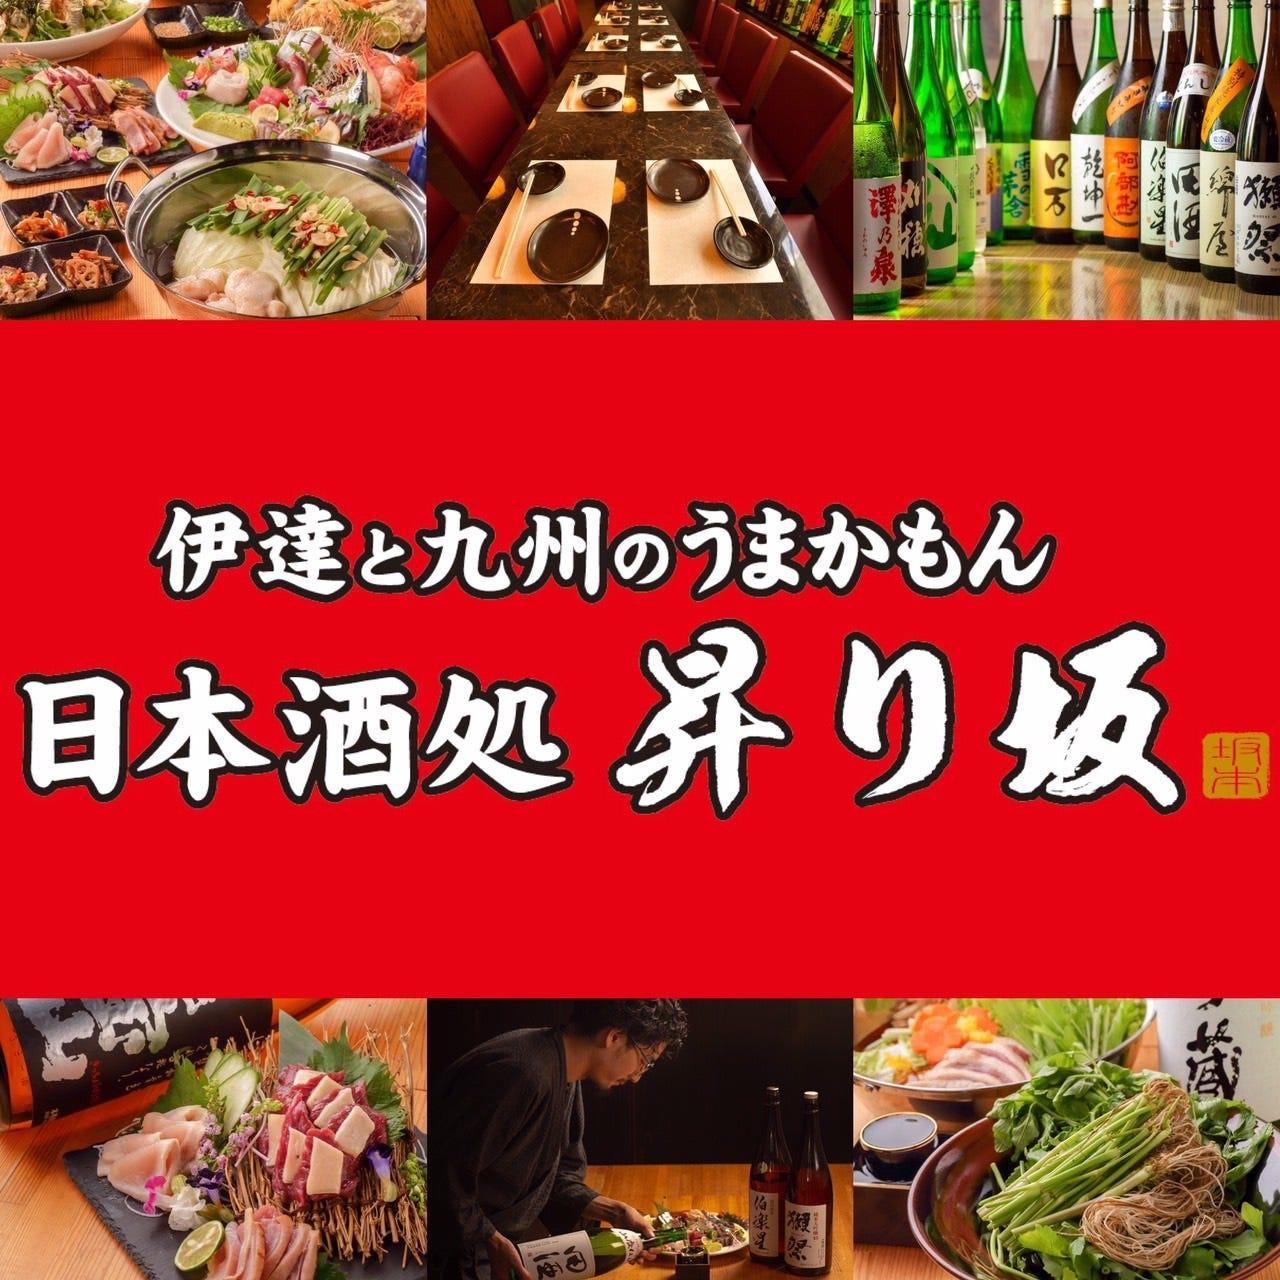 伊達と九州うまかもん居酒屋 昇り坂 仙台西口店